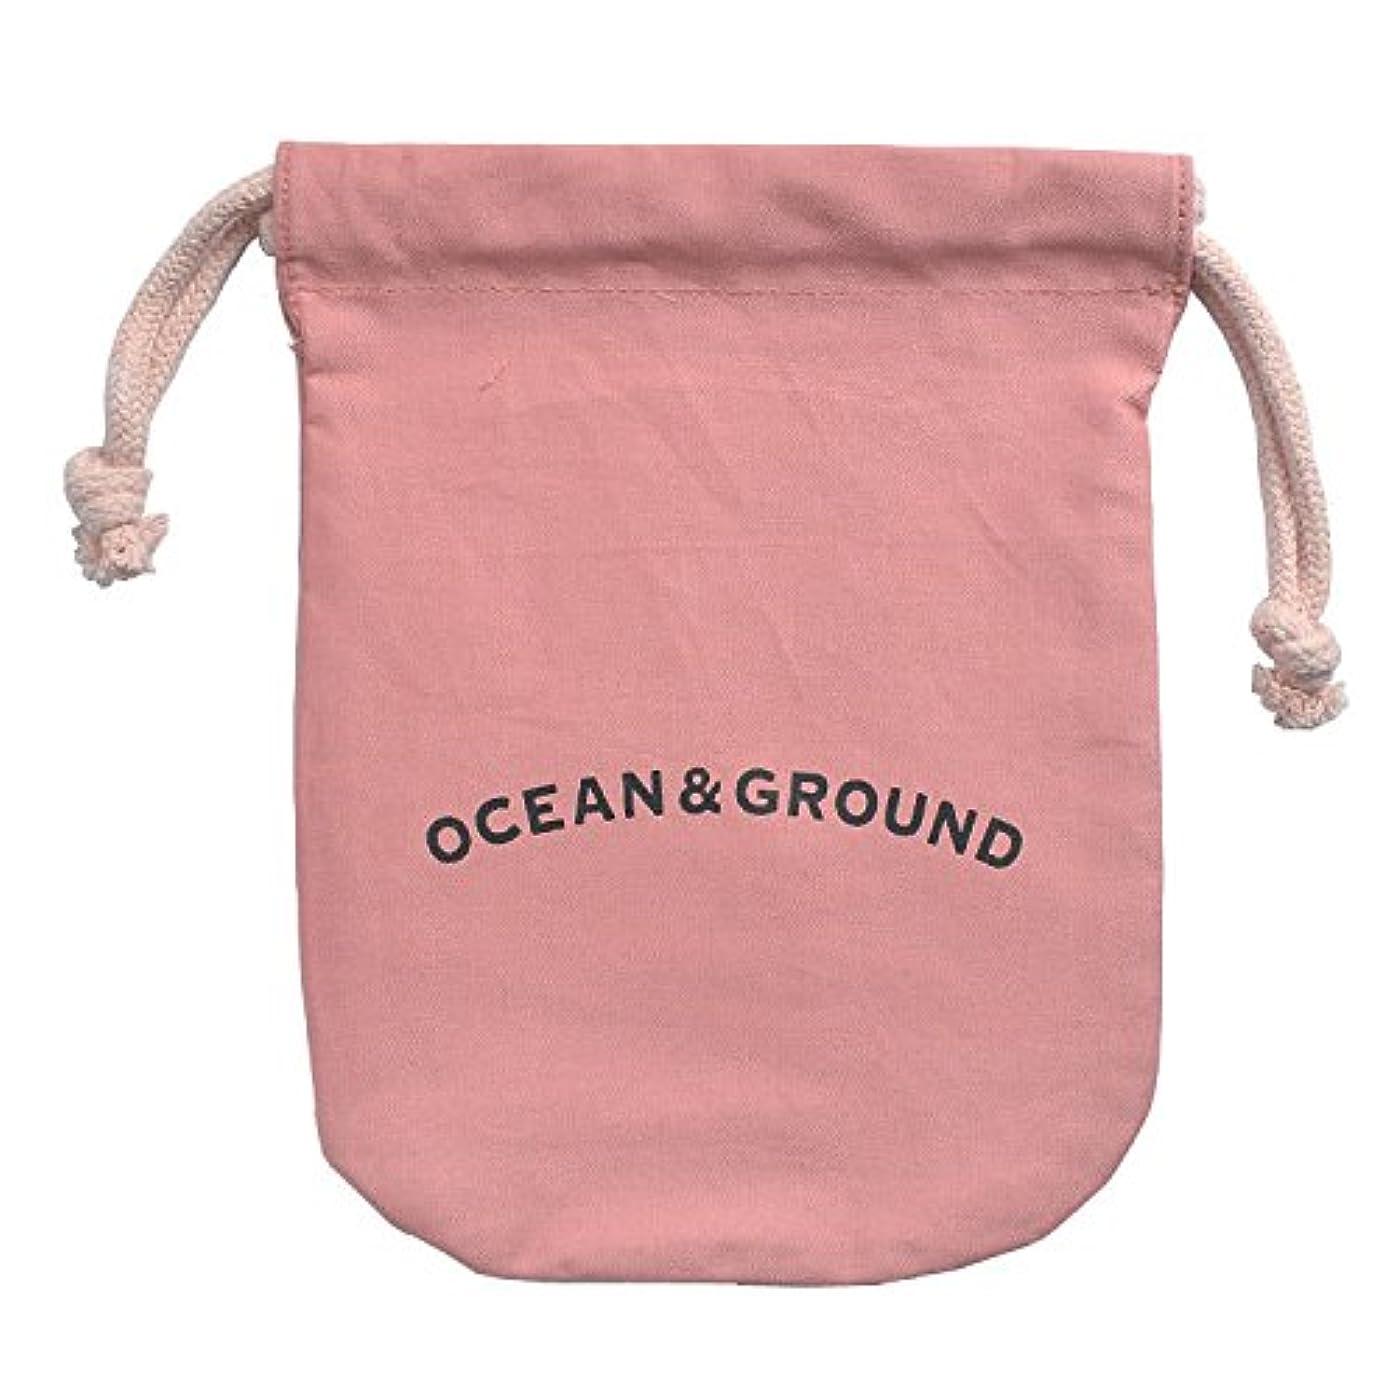 お嬢アドバンテージ控えめな(ocean&ground) オーシャン&グラウンド コップ袋 男の子 女の子 巾着袋 小 1815903 Sサイズ バッグ 巾着 入園 入学 新学期